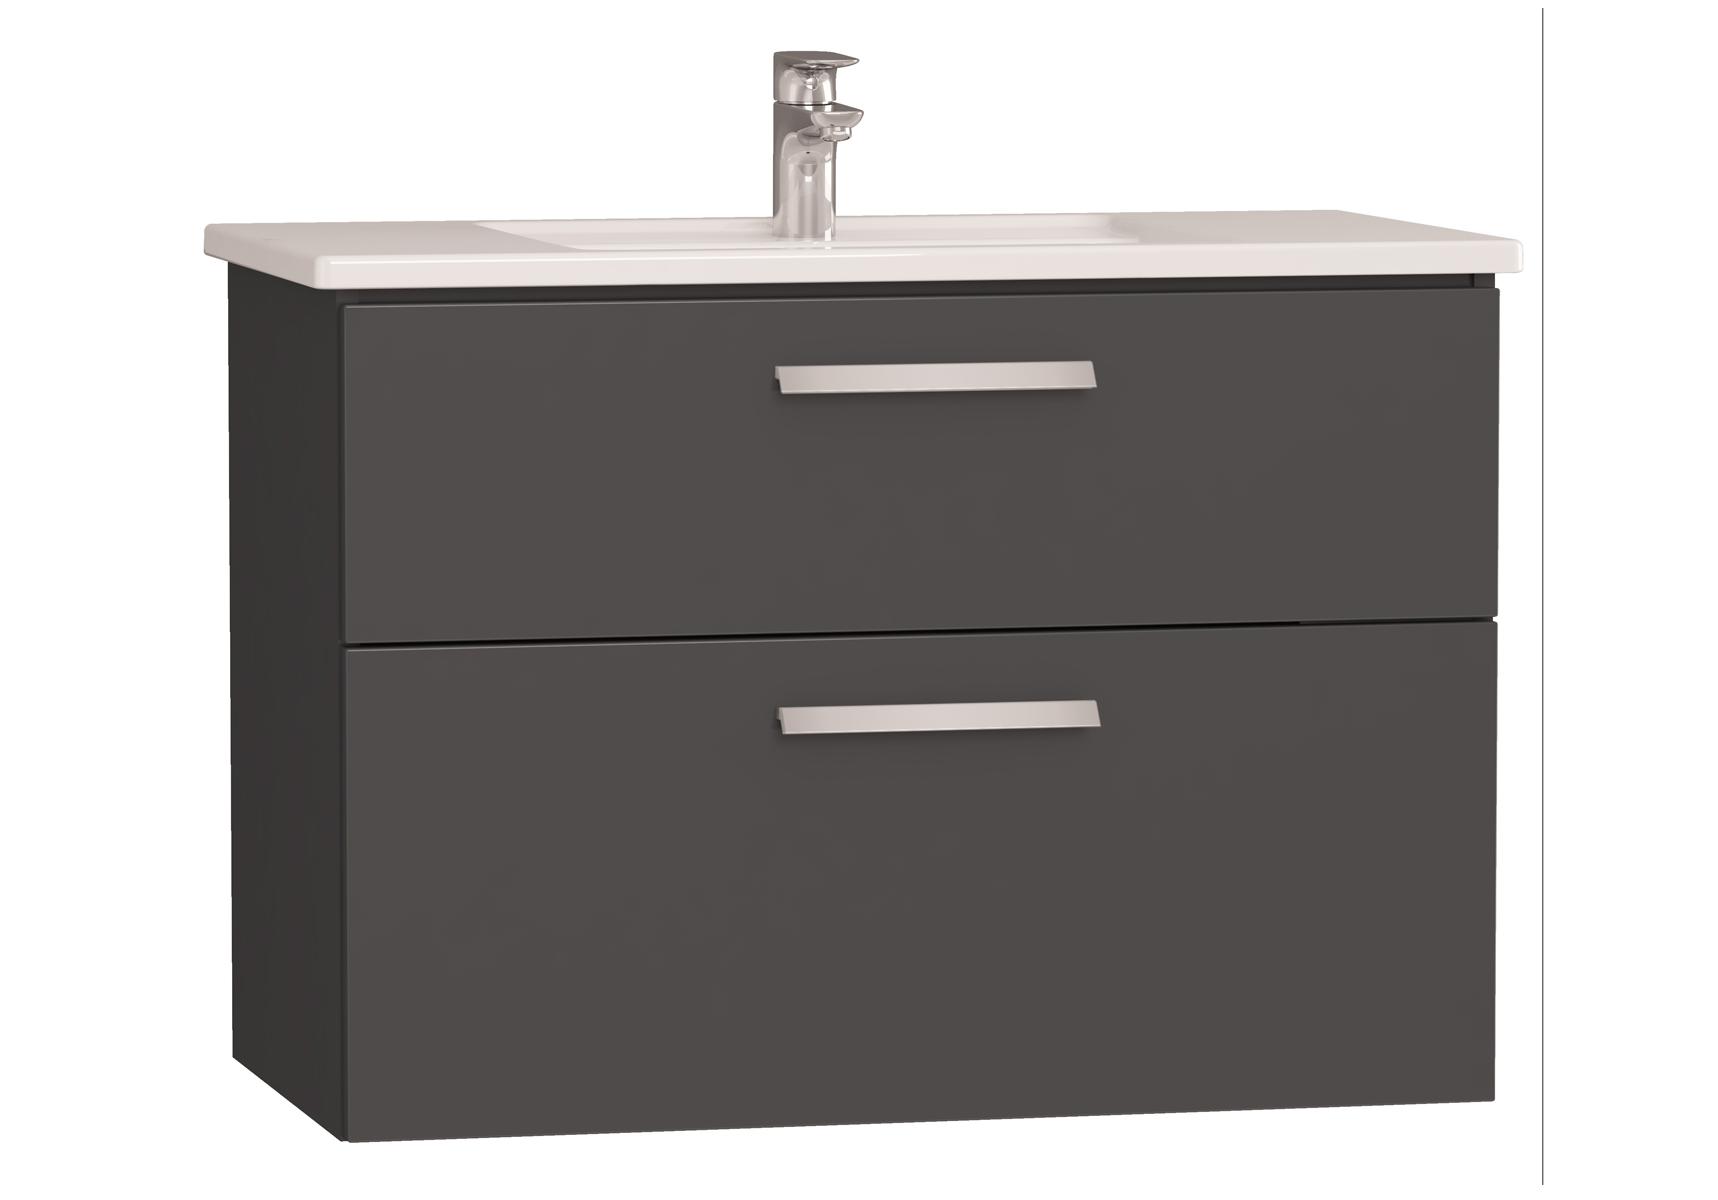 Integra meuble avec plan céramique avec deux tiroirs, 90 cm, anthraciteacite haute brillance